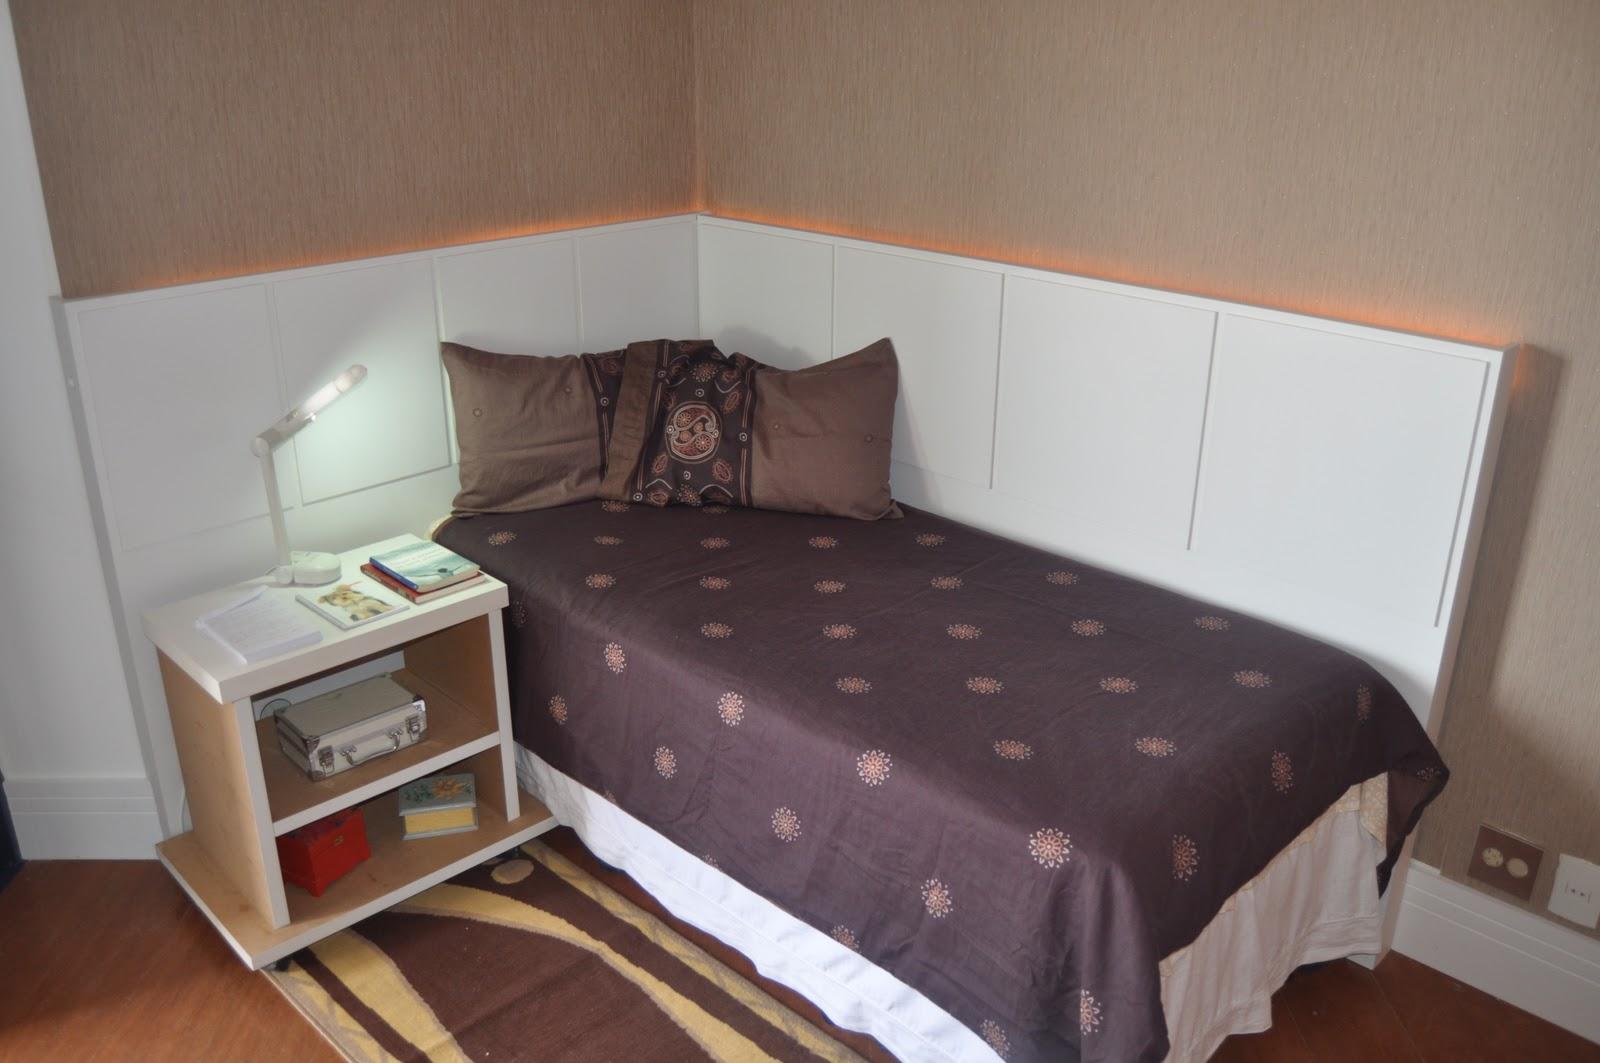 Imagens de #8F5C3C Apartamento de 3 dormitórios em Bauru/SP Designer de Interiores  1600x1063 px 3090 Box Banheiro Bauru